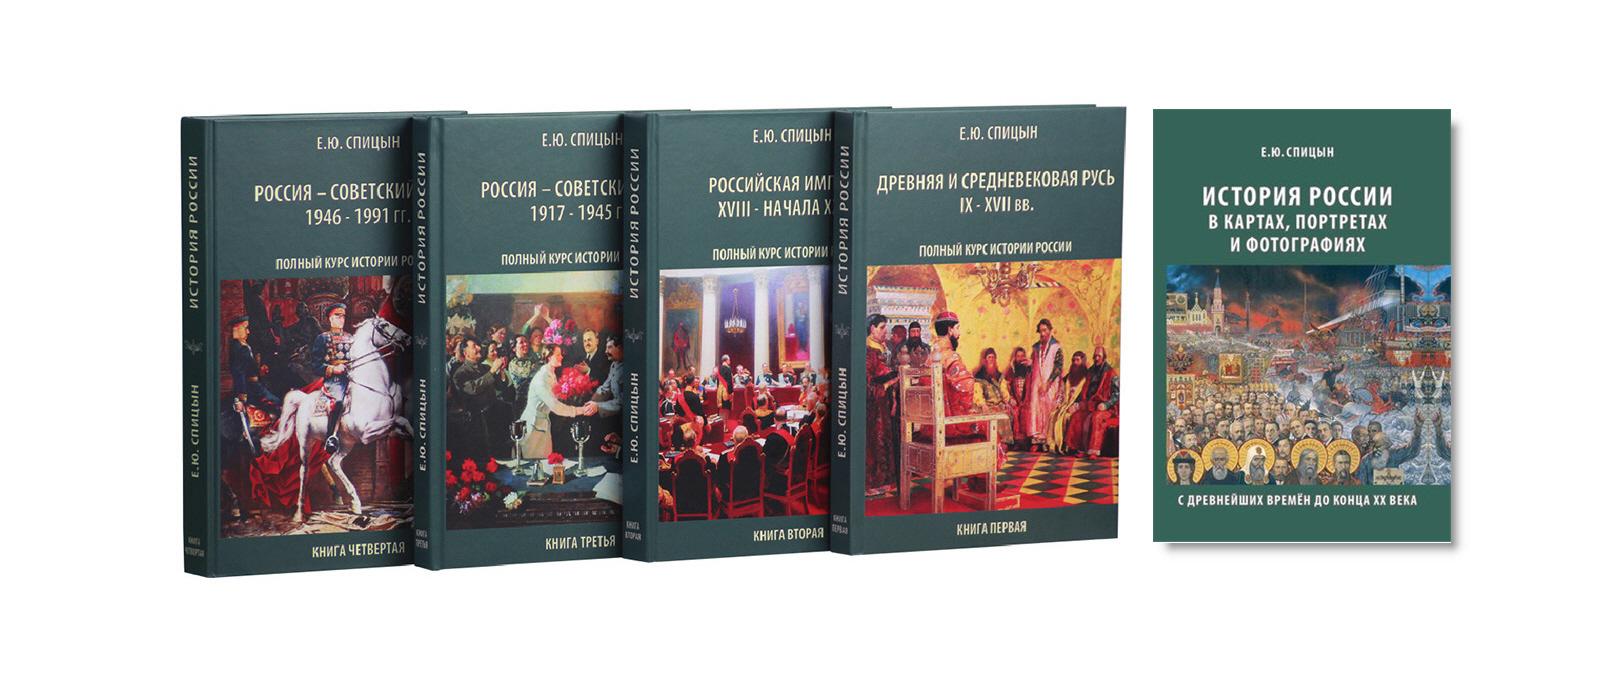 Евгений спицын история россии в 4 томах fb2